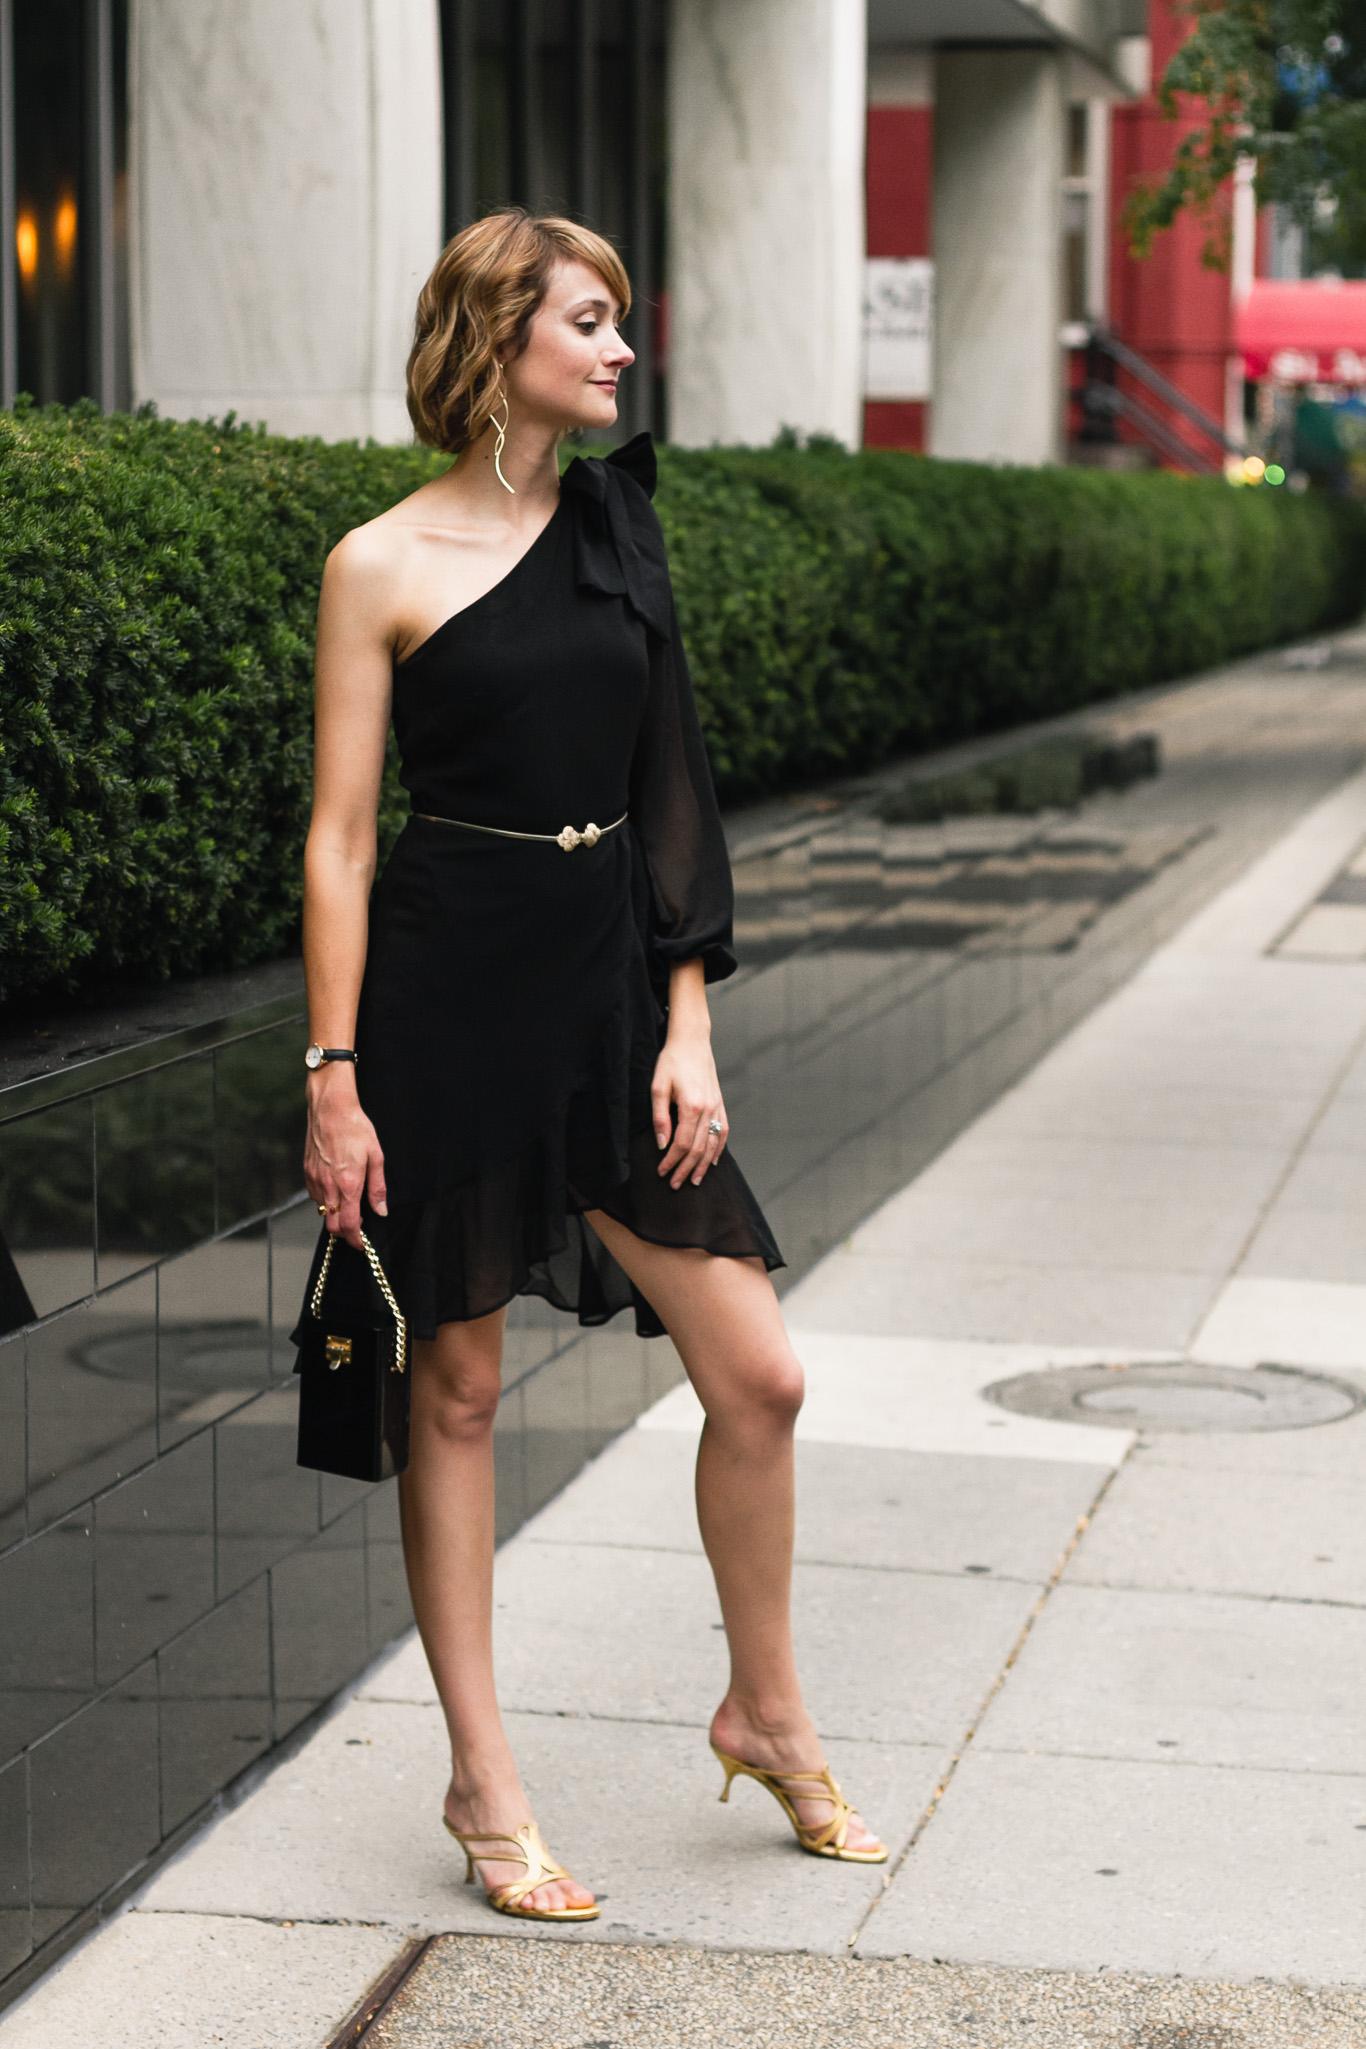 Mango asymmetrical dress and Alexander McQueen sandals